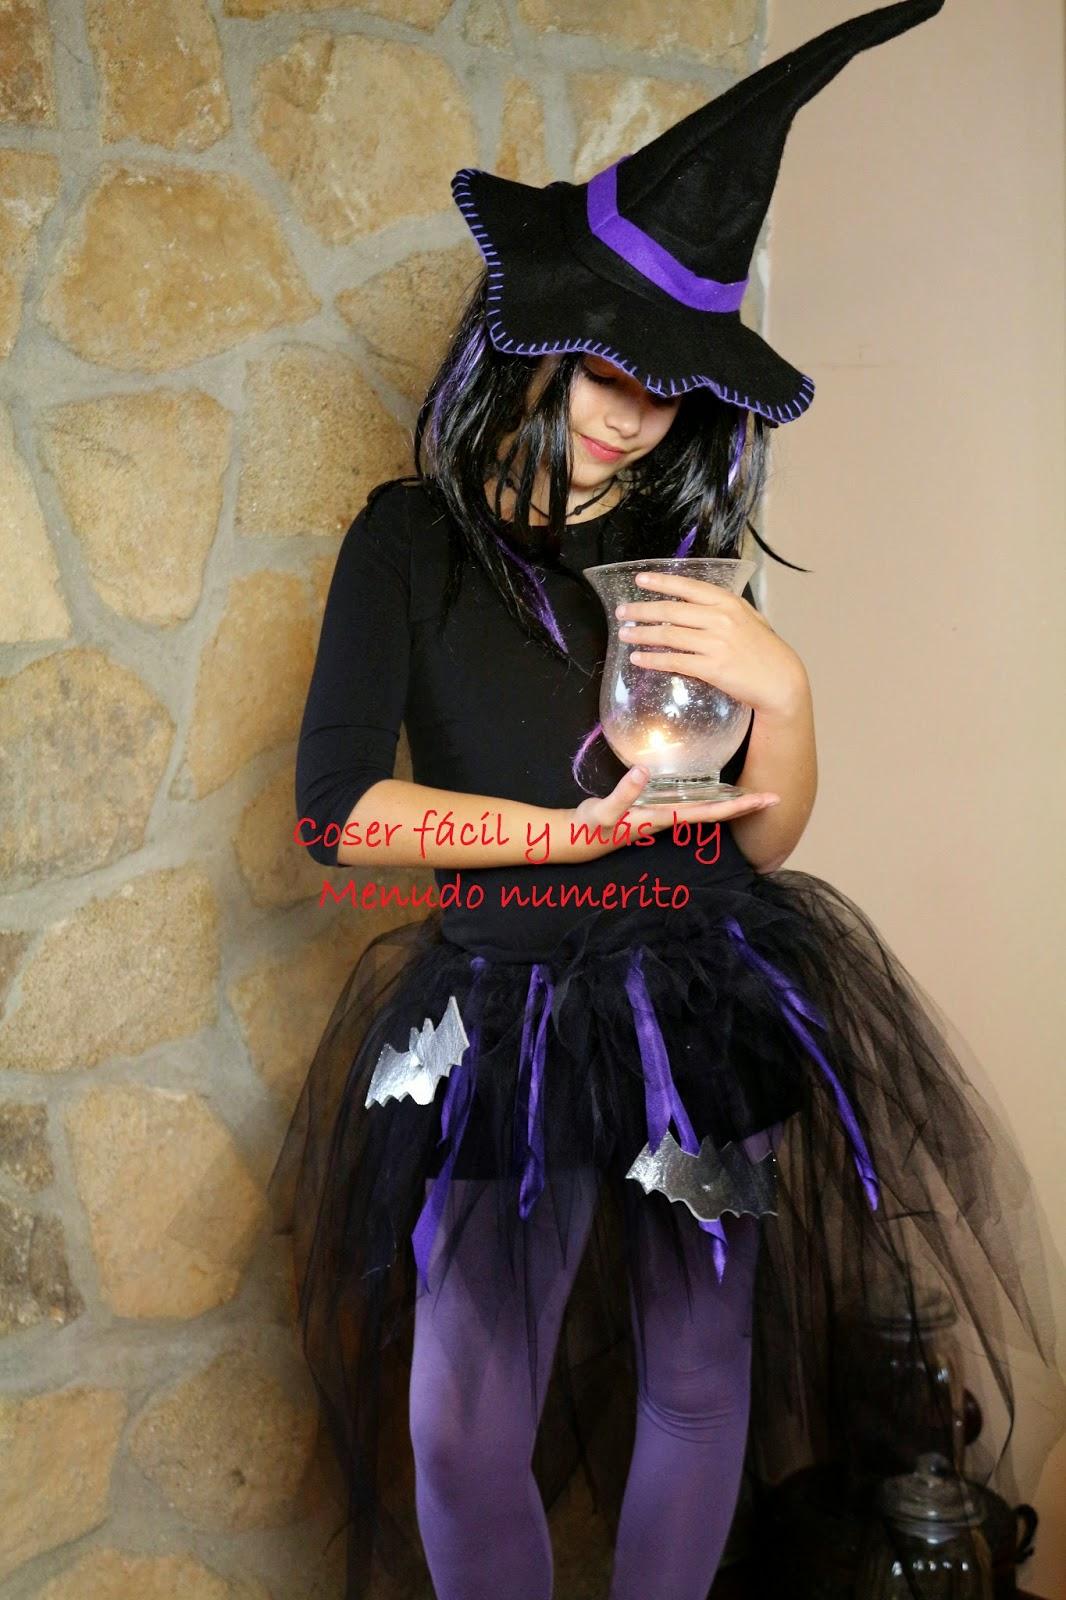 disfraz de bruja sin coser facil ymas menudo numerito halloween